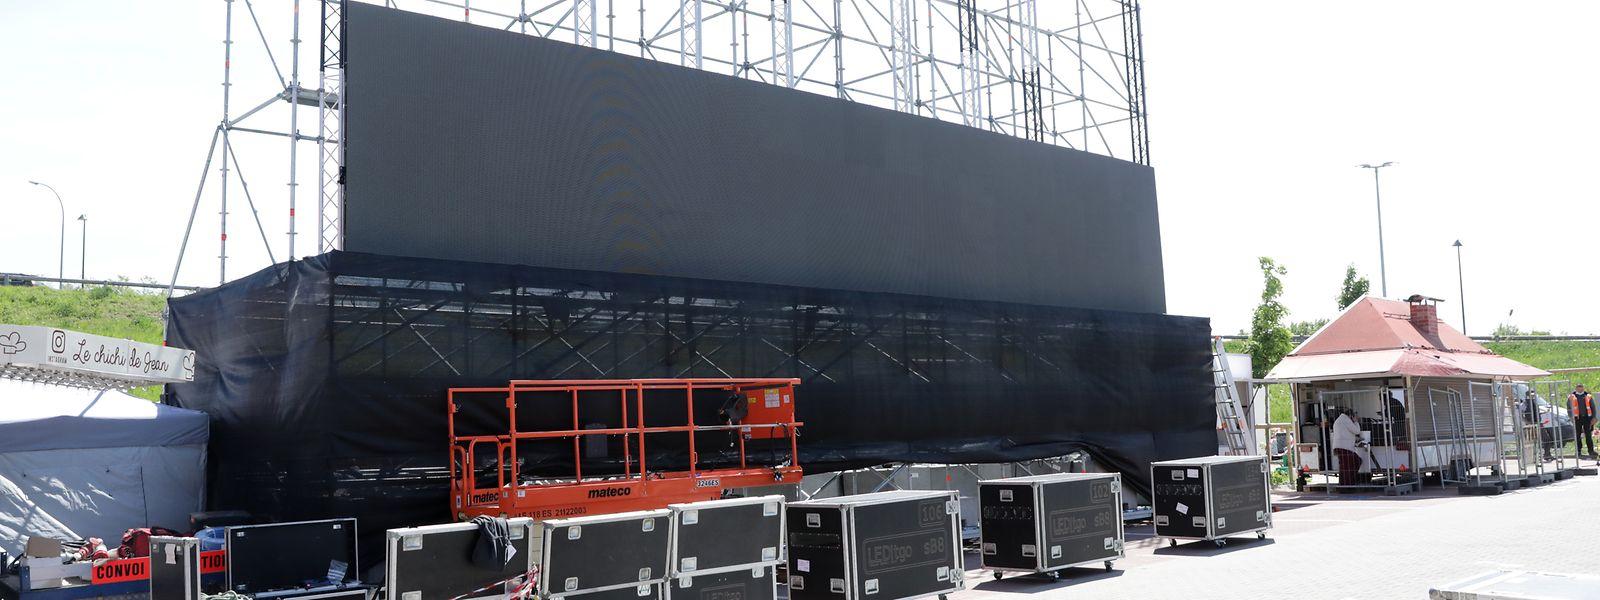 Un ballast de 40 tonnes de béton leste au sol cet écran géant de 15X6m.